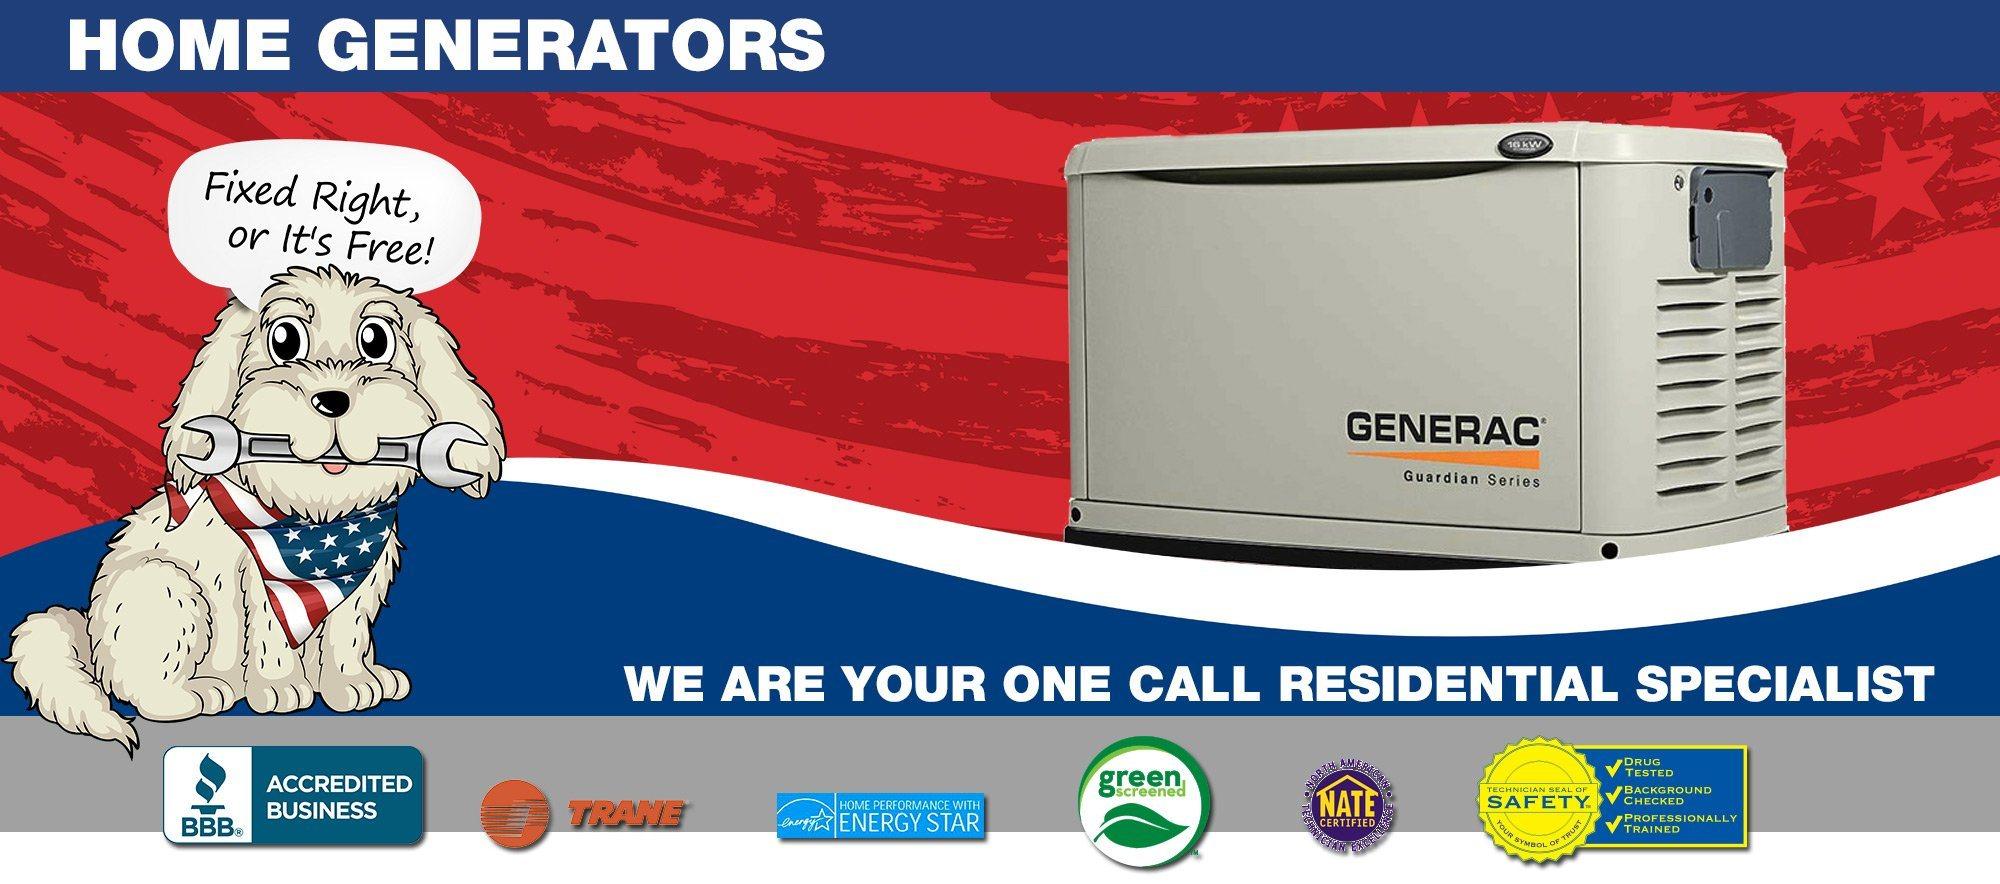 South Plainfield Home Generators